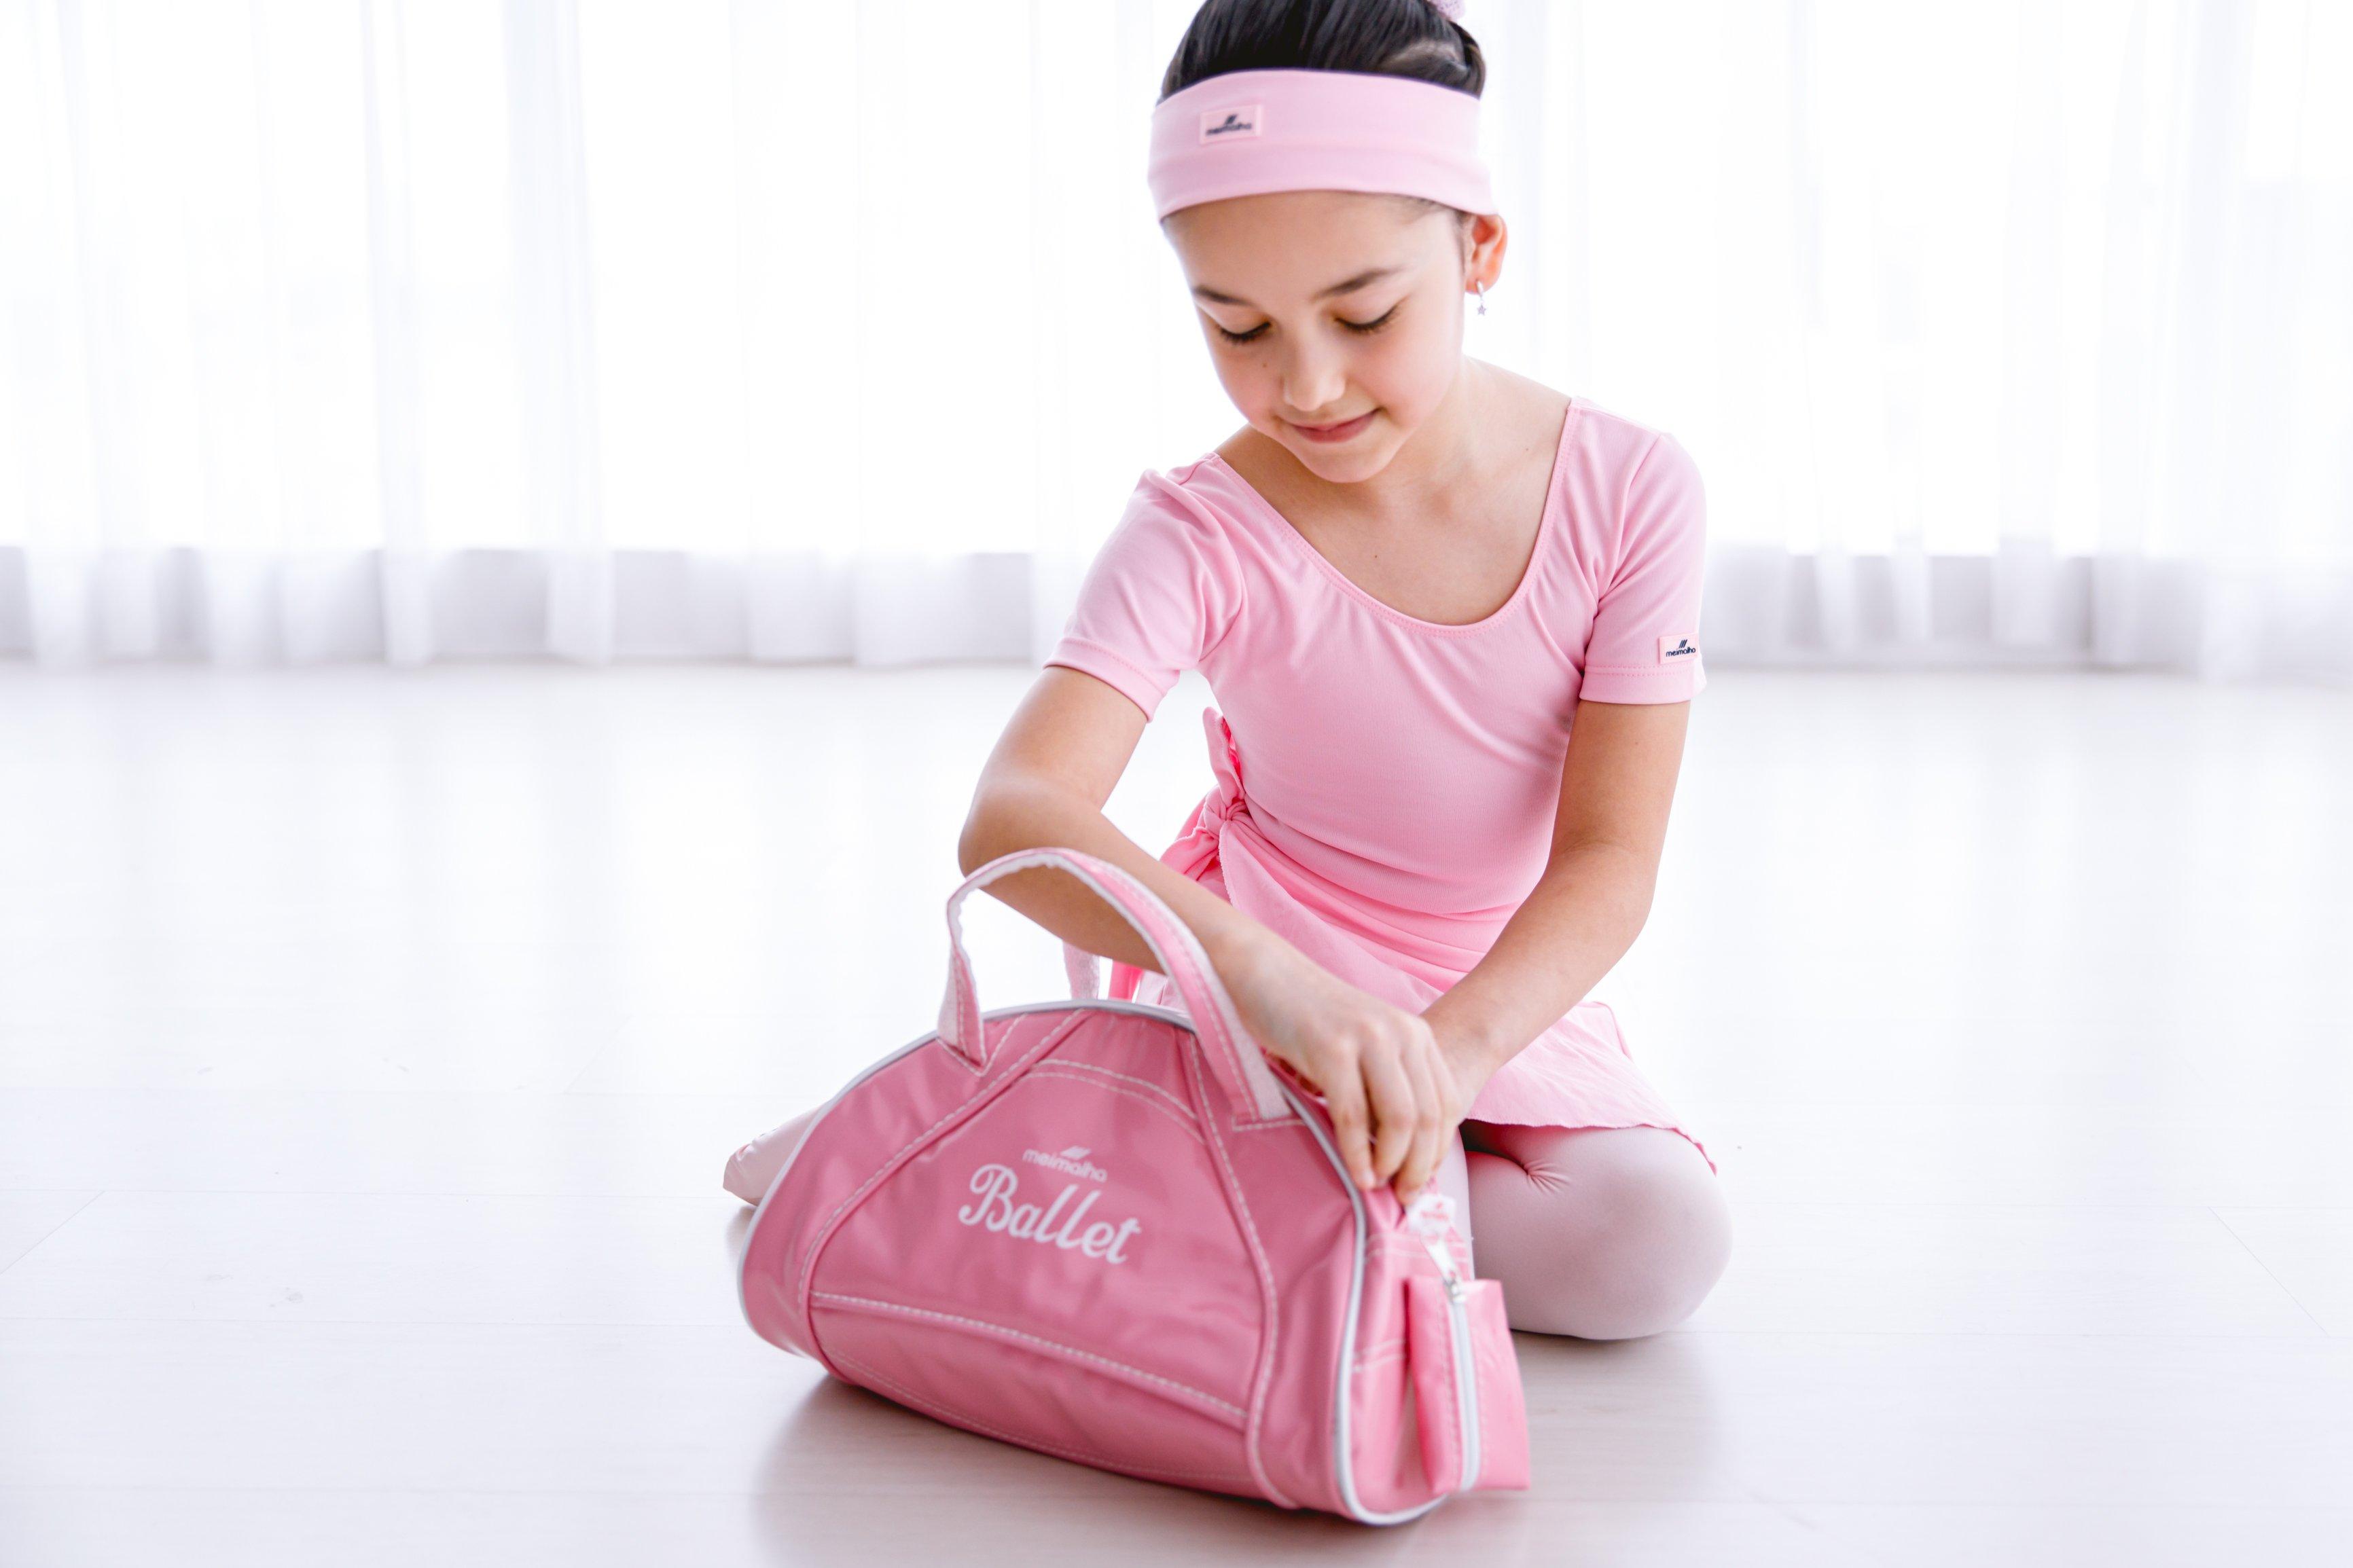 kit ballet 5.jpg